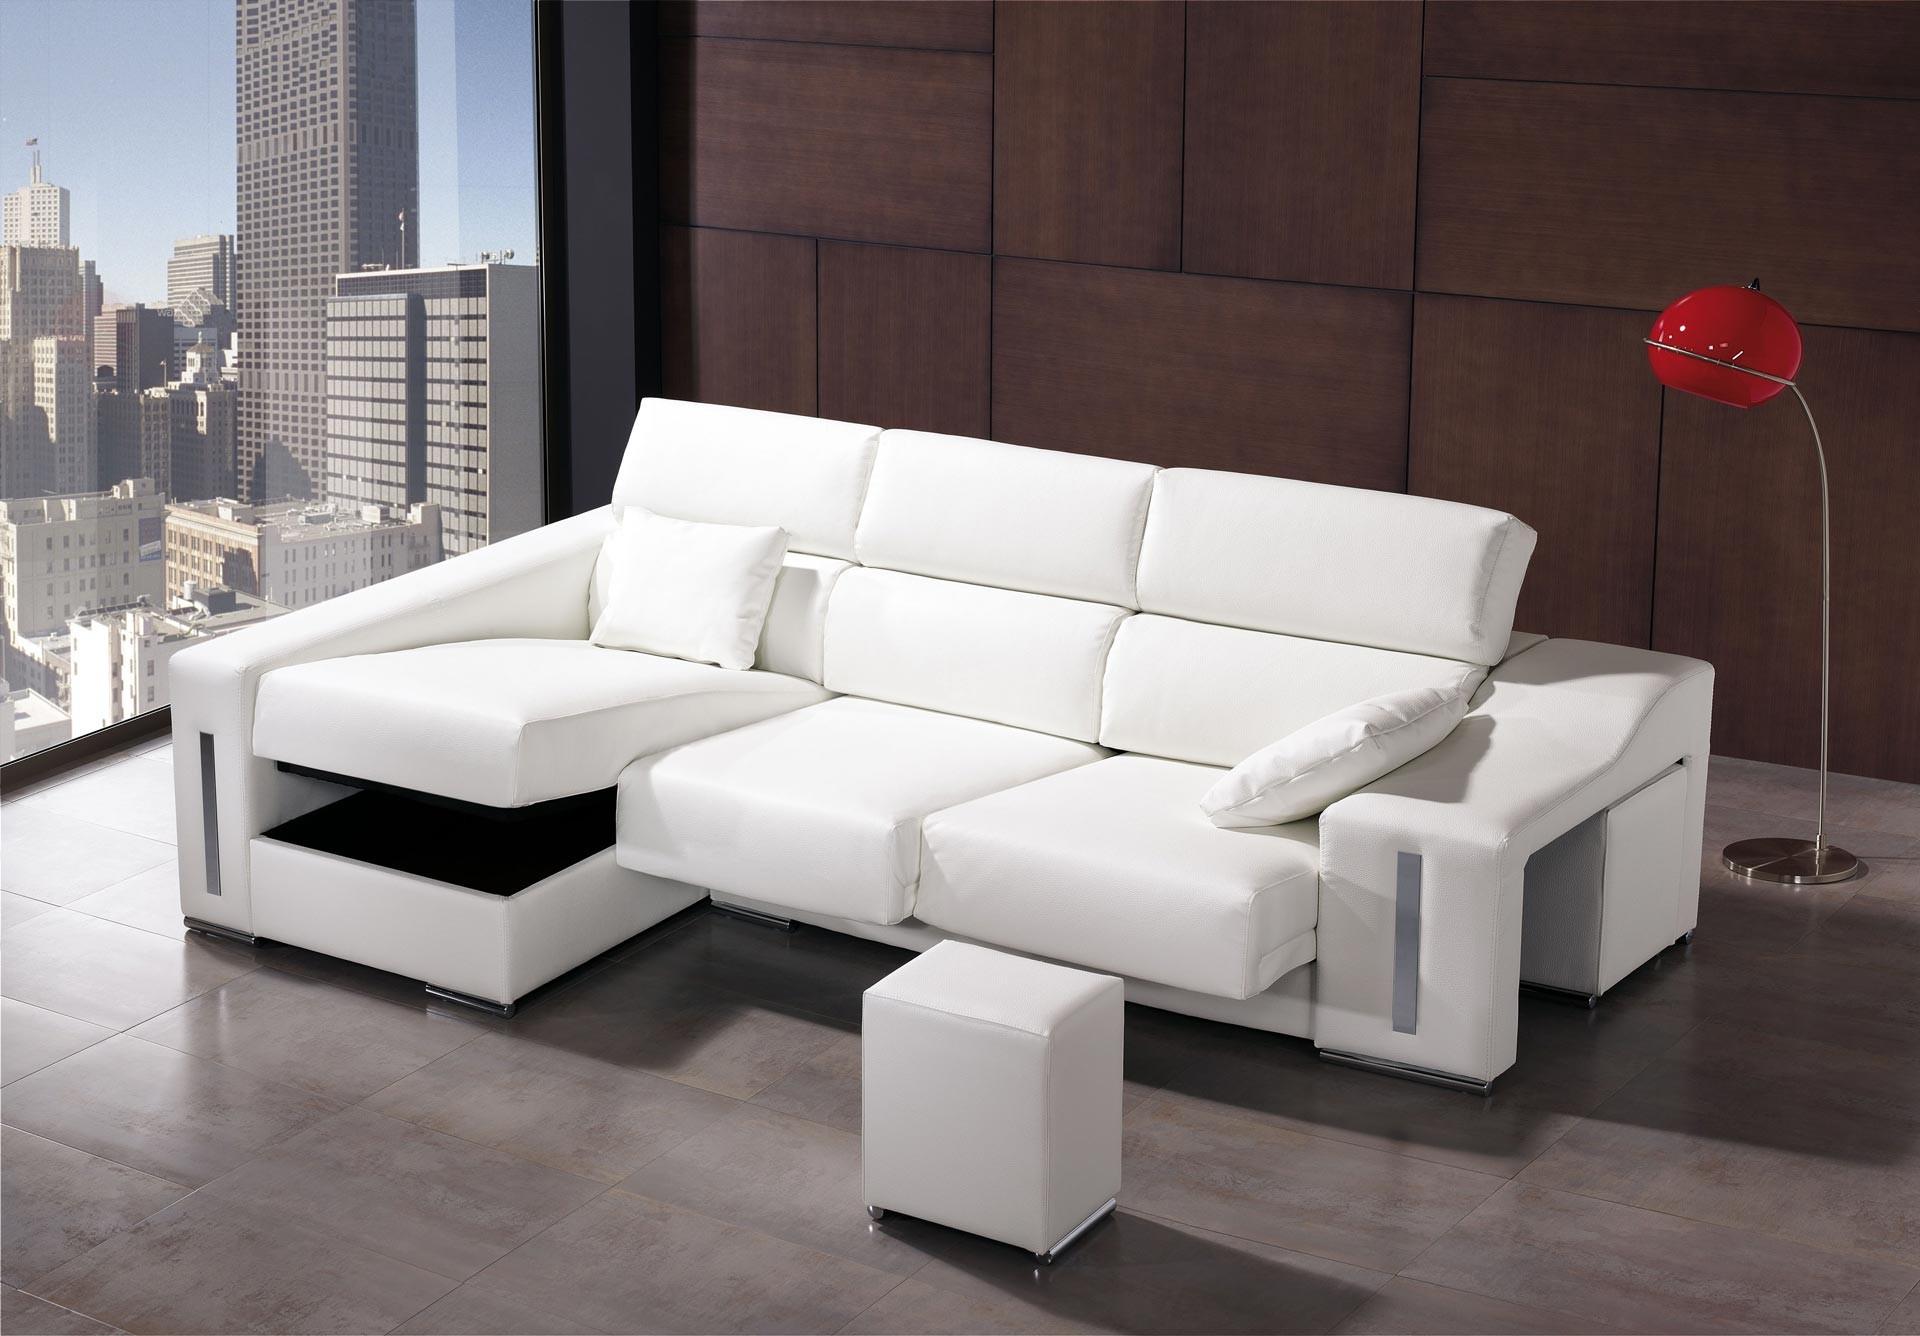 Cu les son los muebles m s adecuados para un piso peque o for Sofas cheslong pequenos